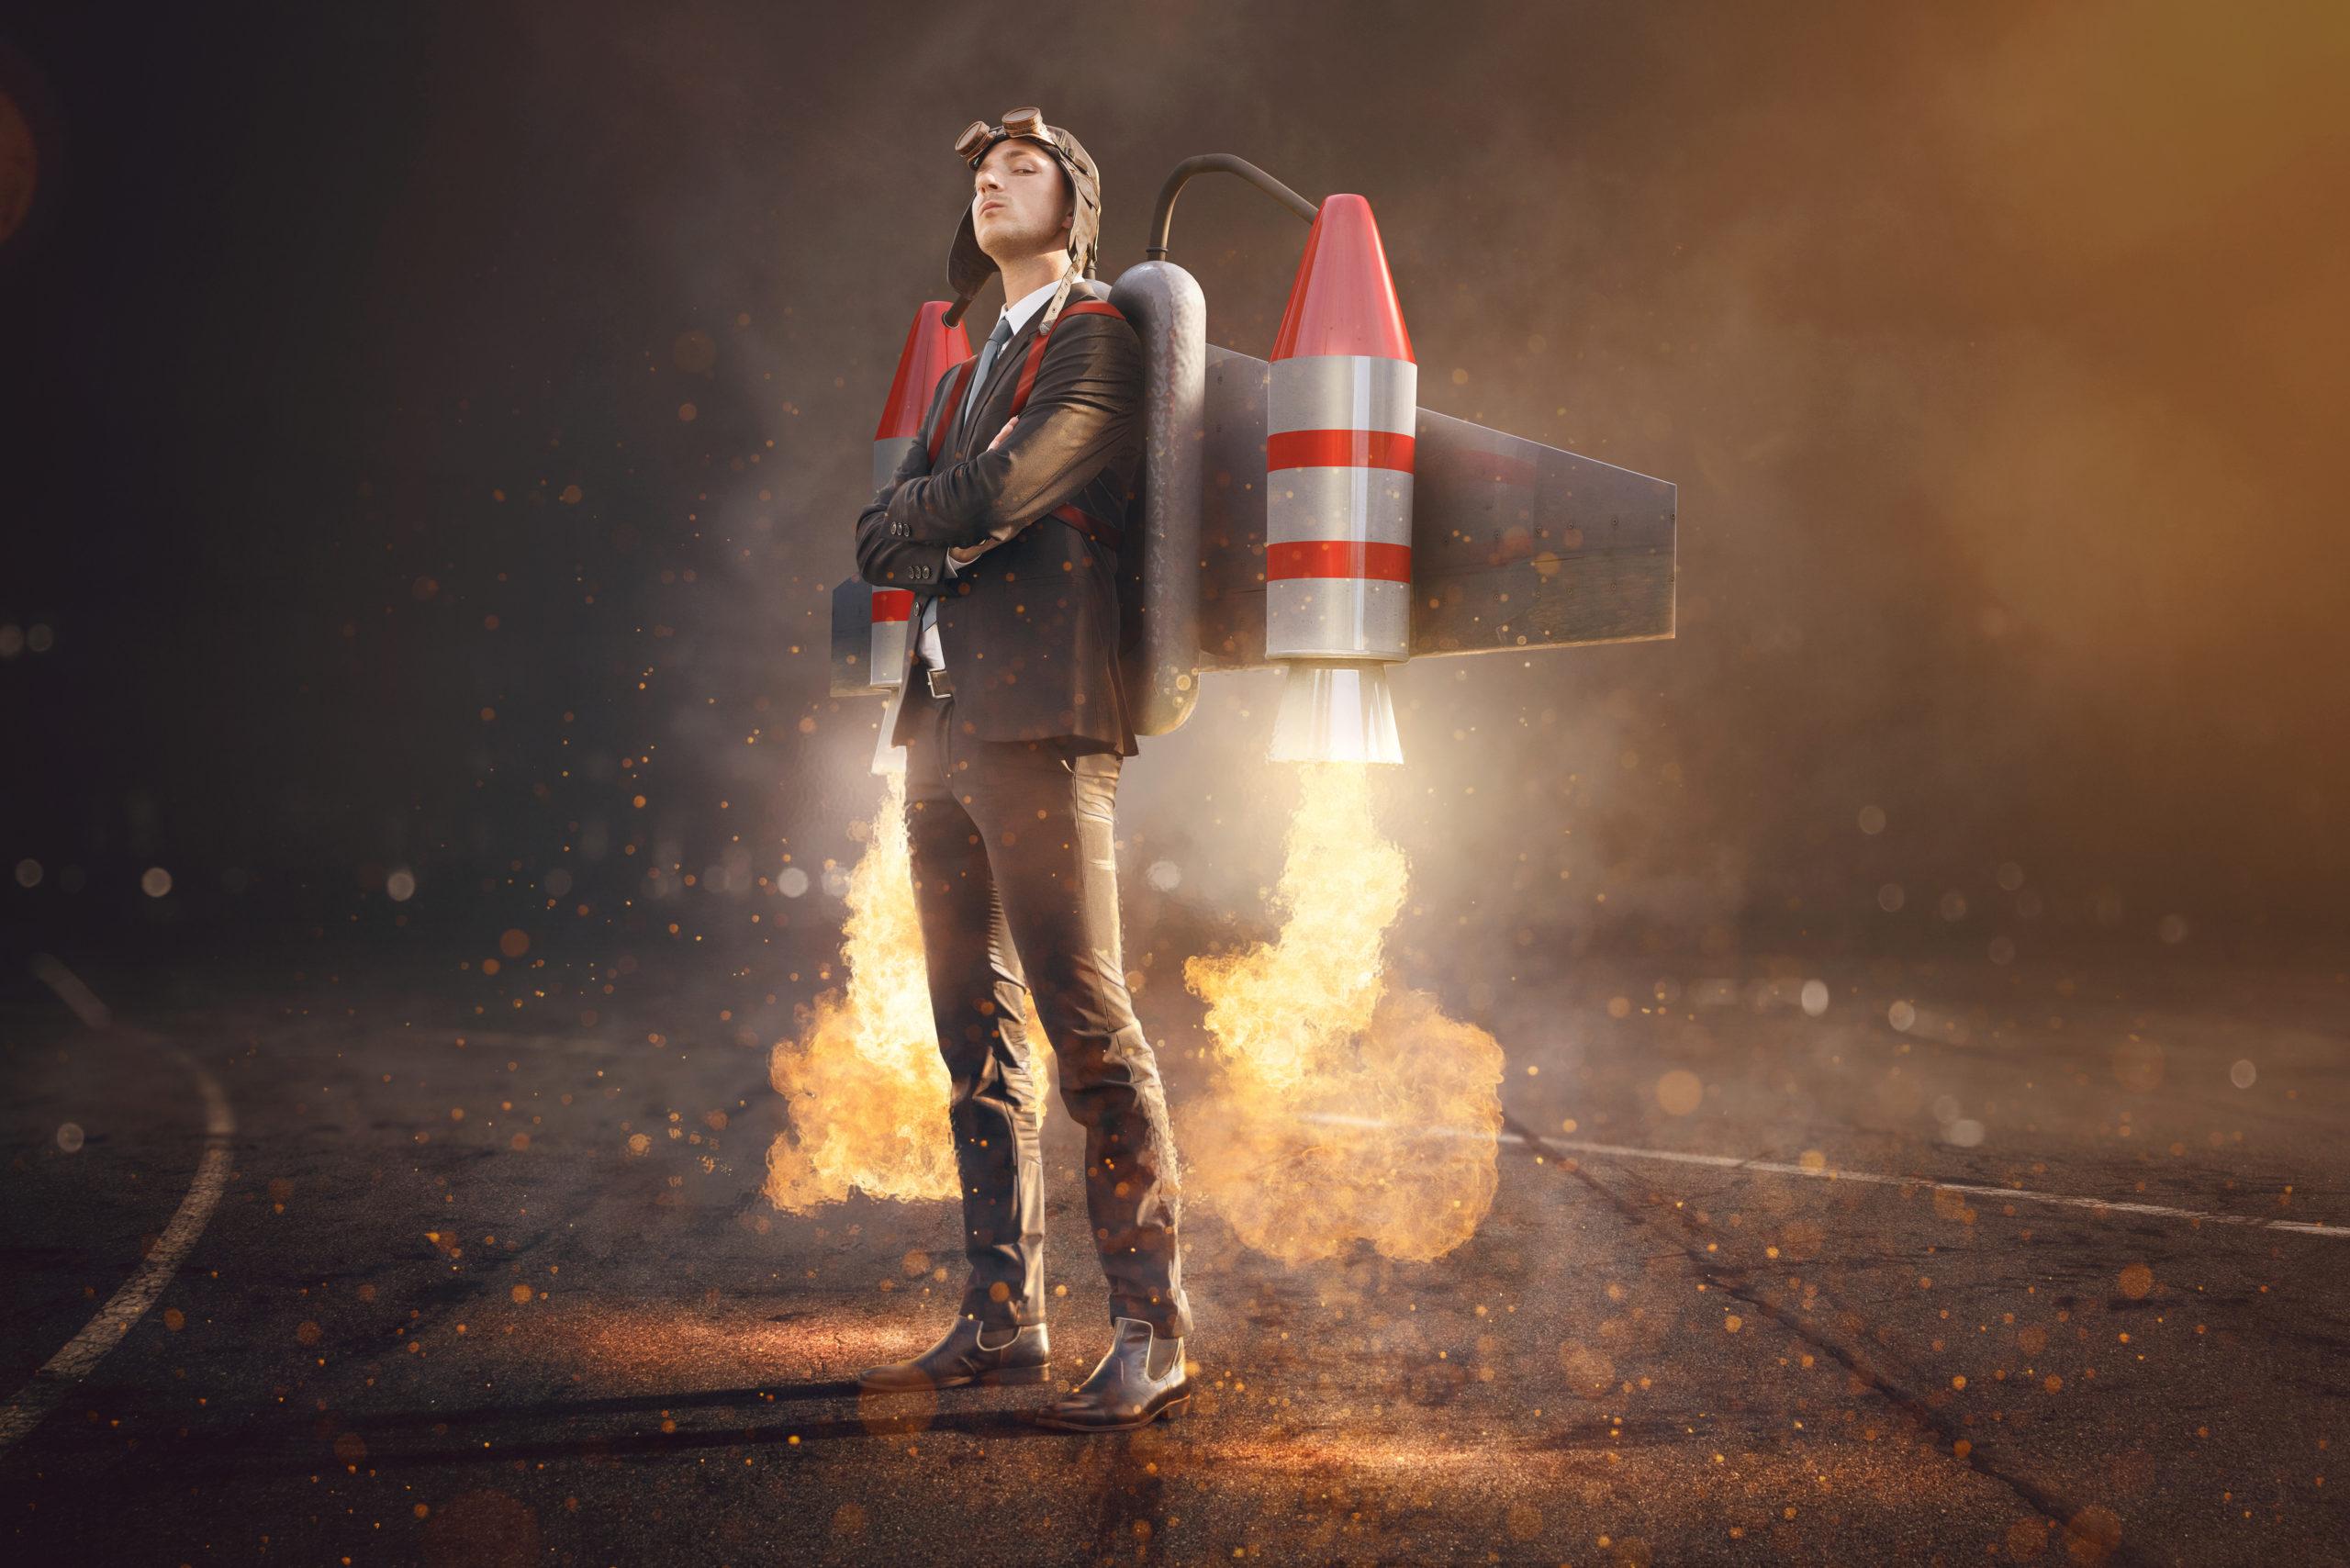 Si cumples los 7  principios de liderazgo de Jeff Bezos, ¡estás listo para ser un emprendedor!